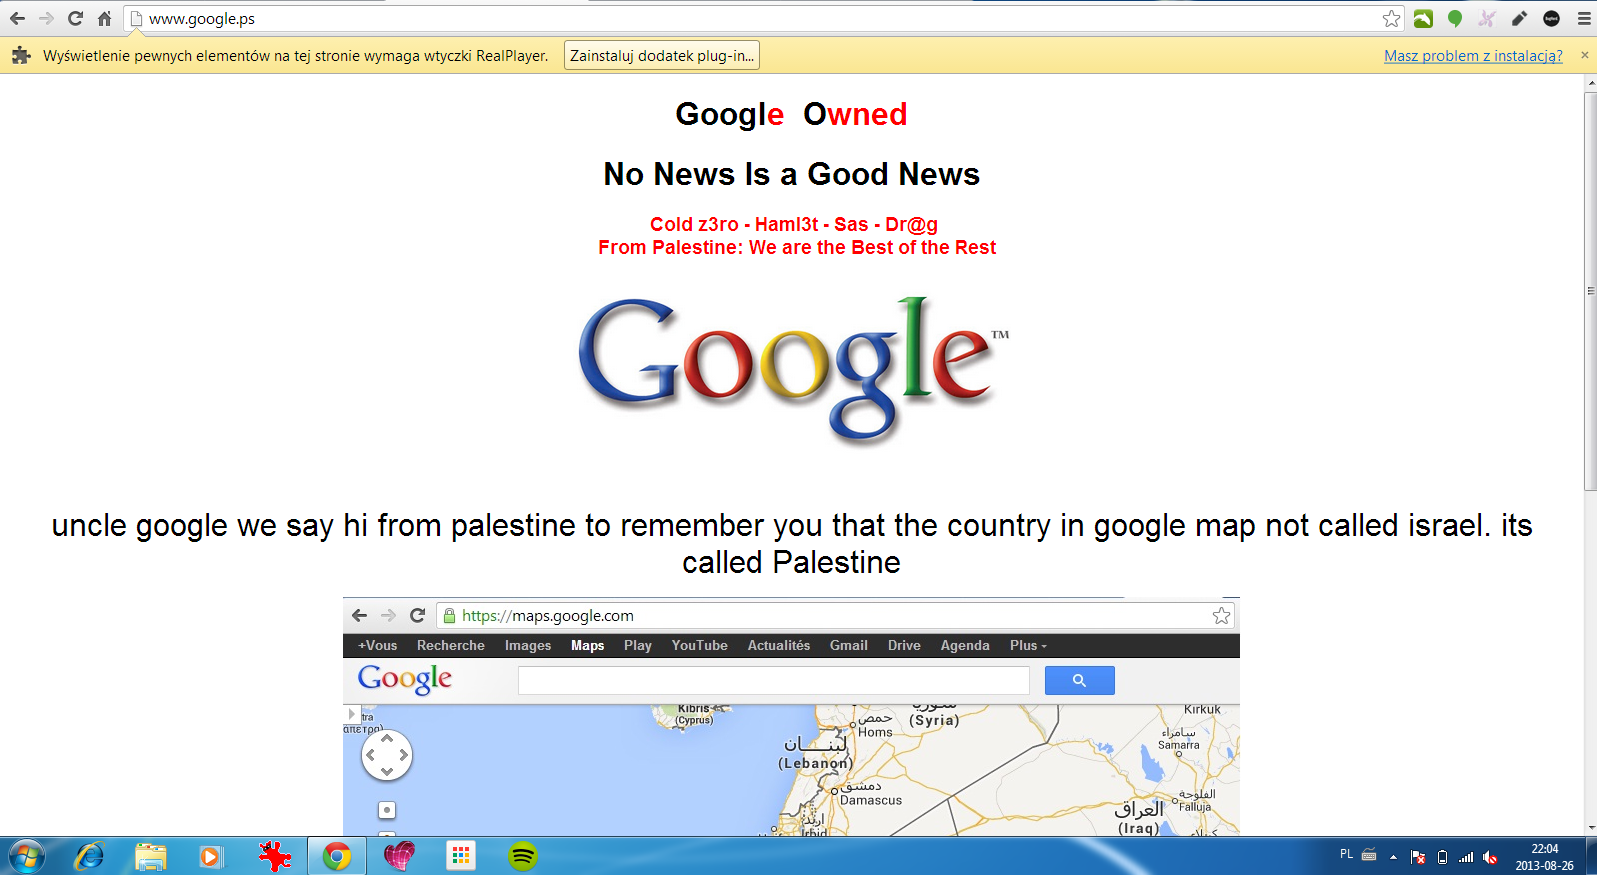 googlepsg